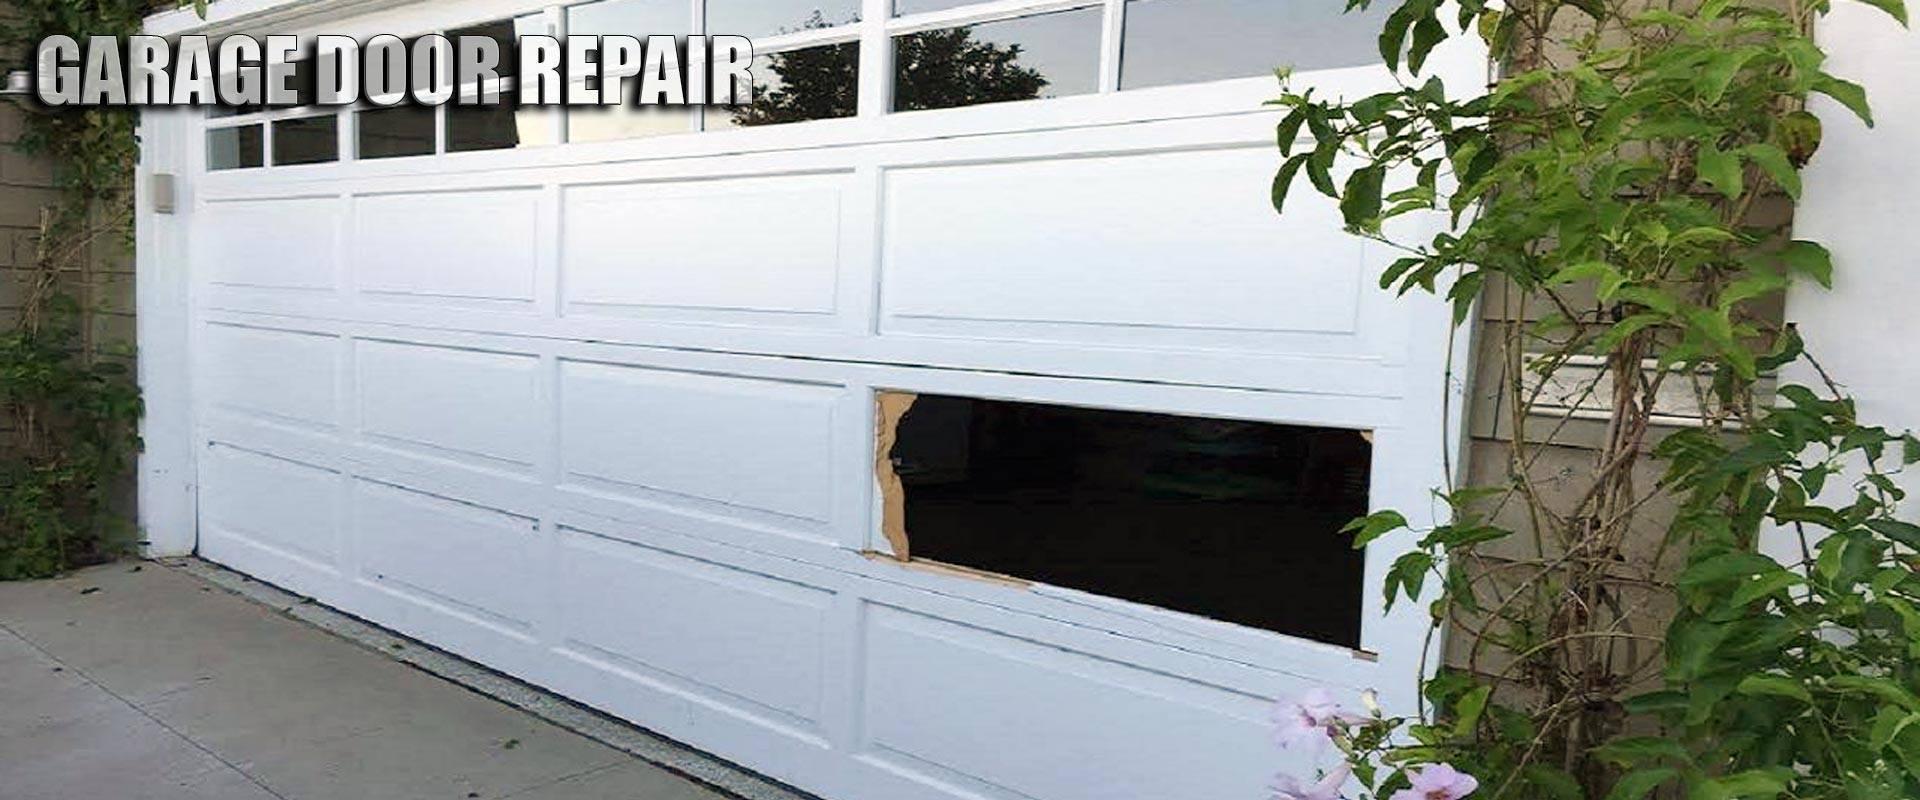 24 7 garage door repair at 5536 lindley ave ste 1214 for Garage door repair oxnard